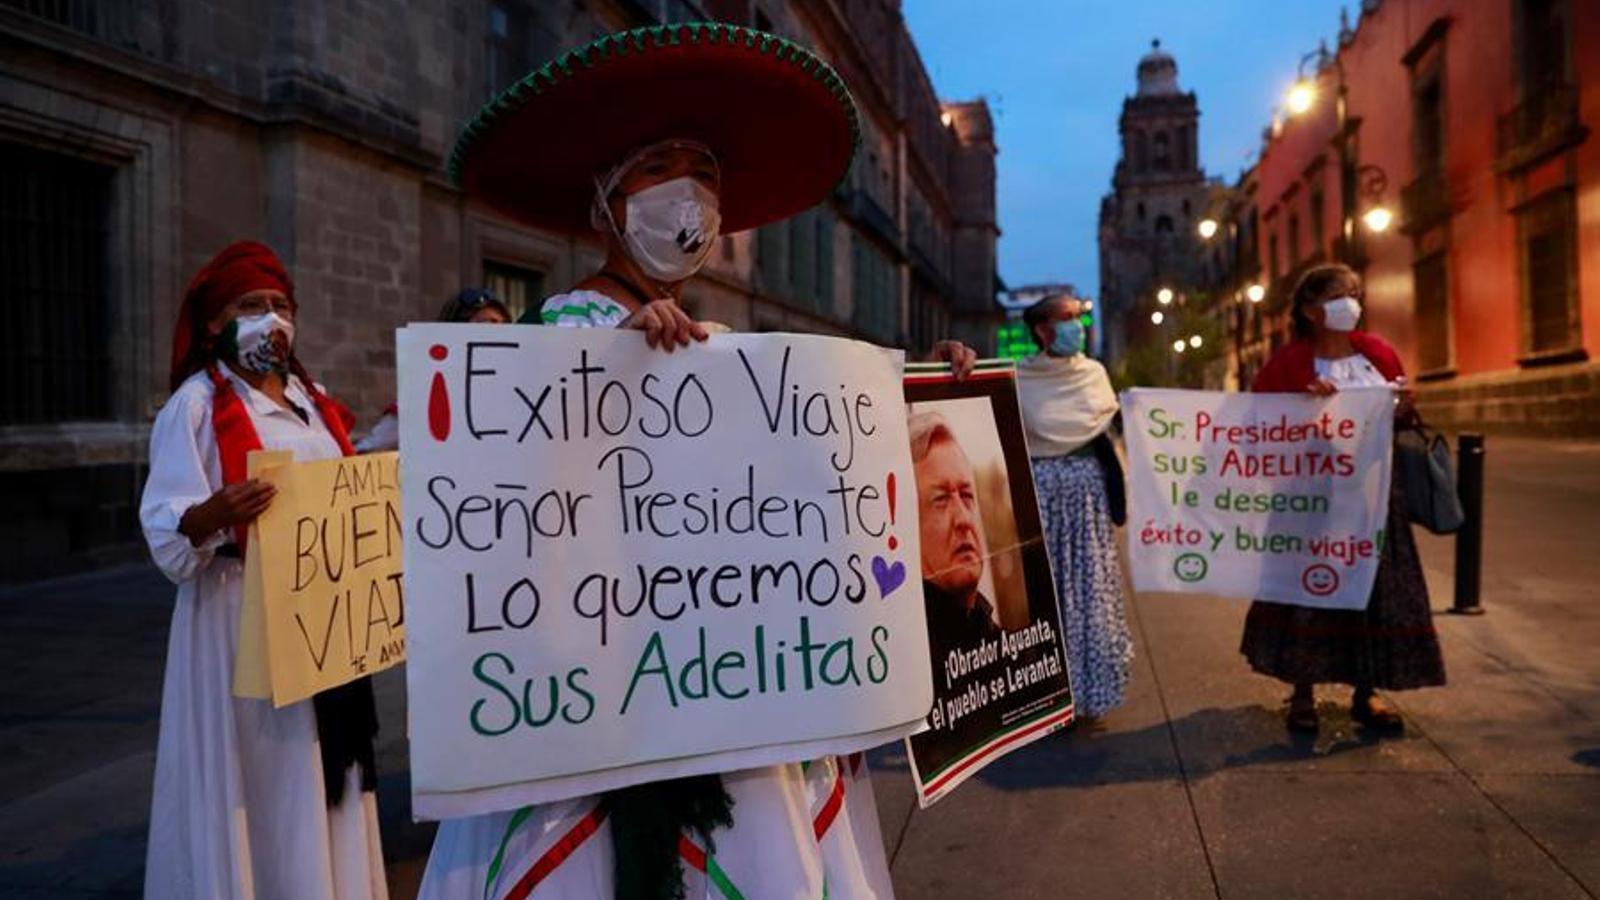 Simpatitzants del president López Obrador li desitgen un bon viatge als Estats Units